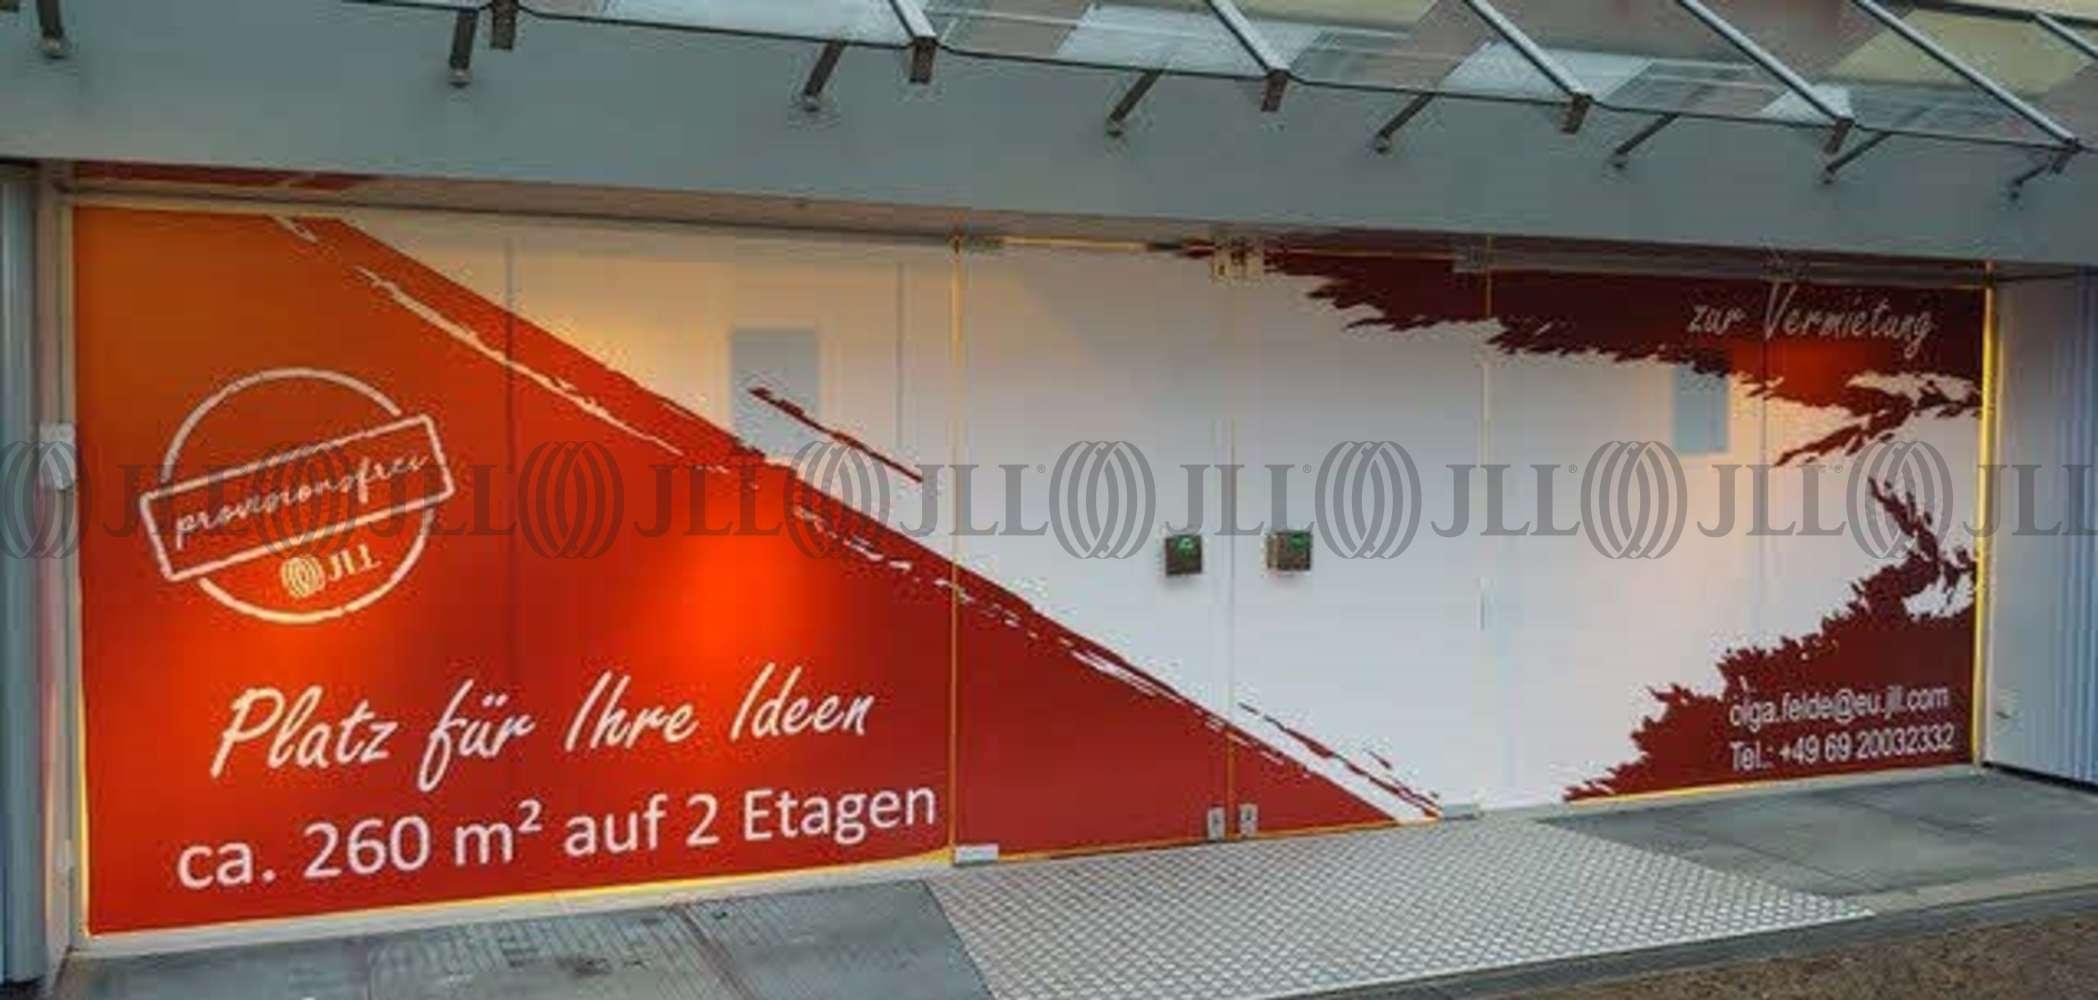 Ladenflächen Bingen am rhein, 55411 - Ladenfläche - Bingen am Rhein, Bingen - E0919 - 10925218